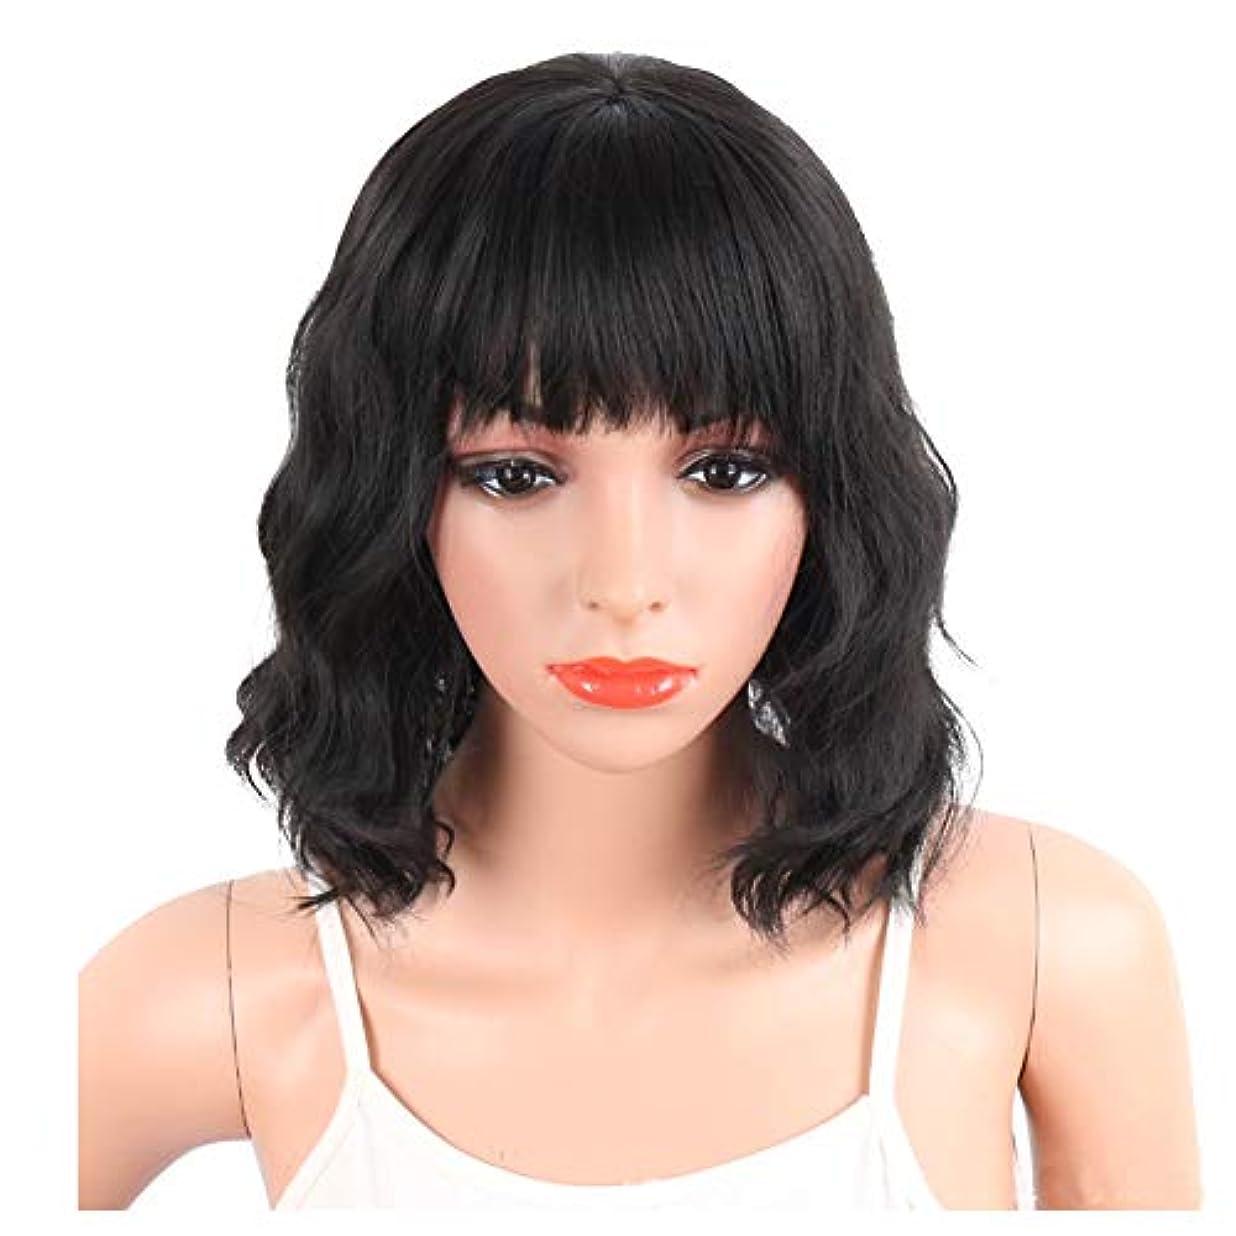 リア王特性伸ばすYOUQIU 10インチの女性のかつら用エア前髪コスプレ衣装デイリーパーティーウィッグの女性女の子ショートカーリーの合成ブラックウィッグ (色 : 黒, サイズ : 10